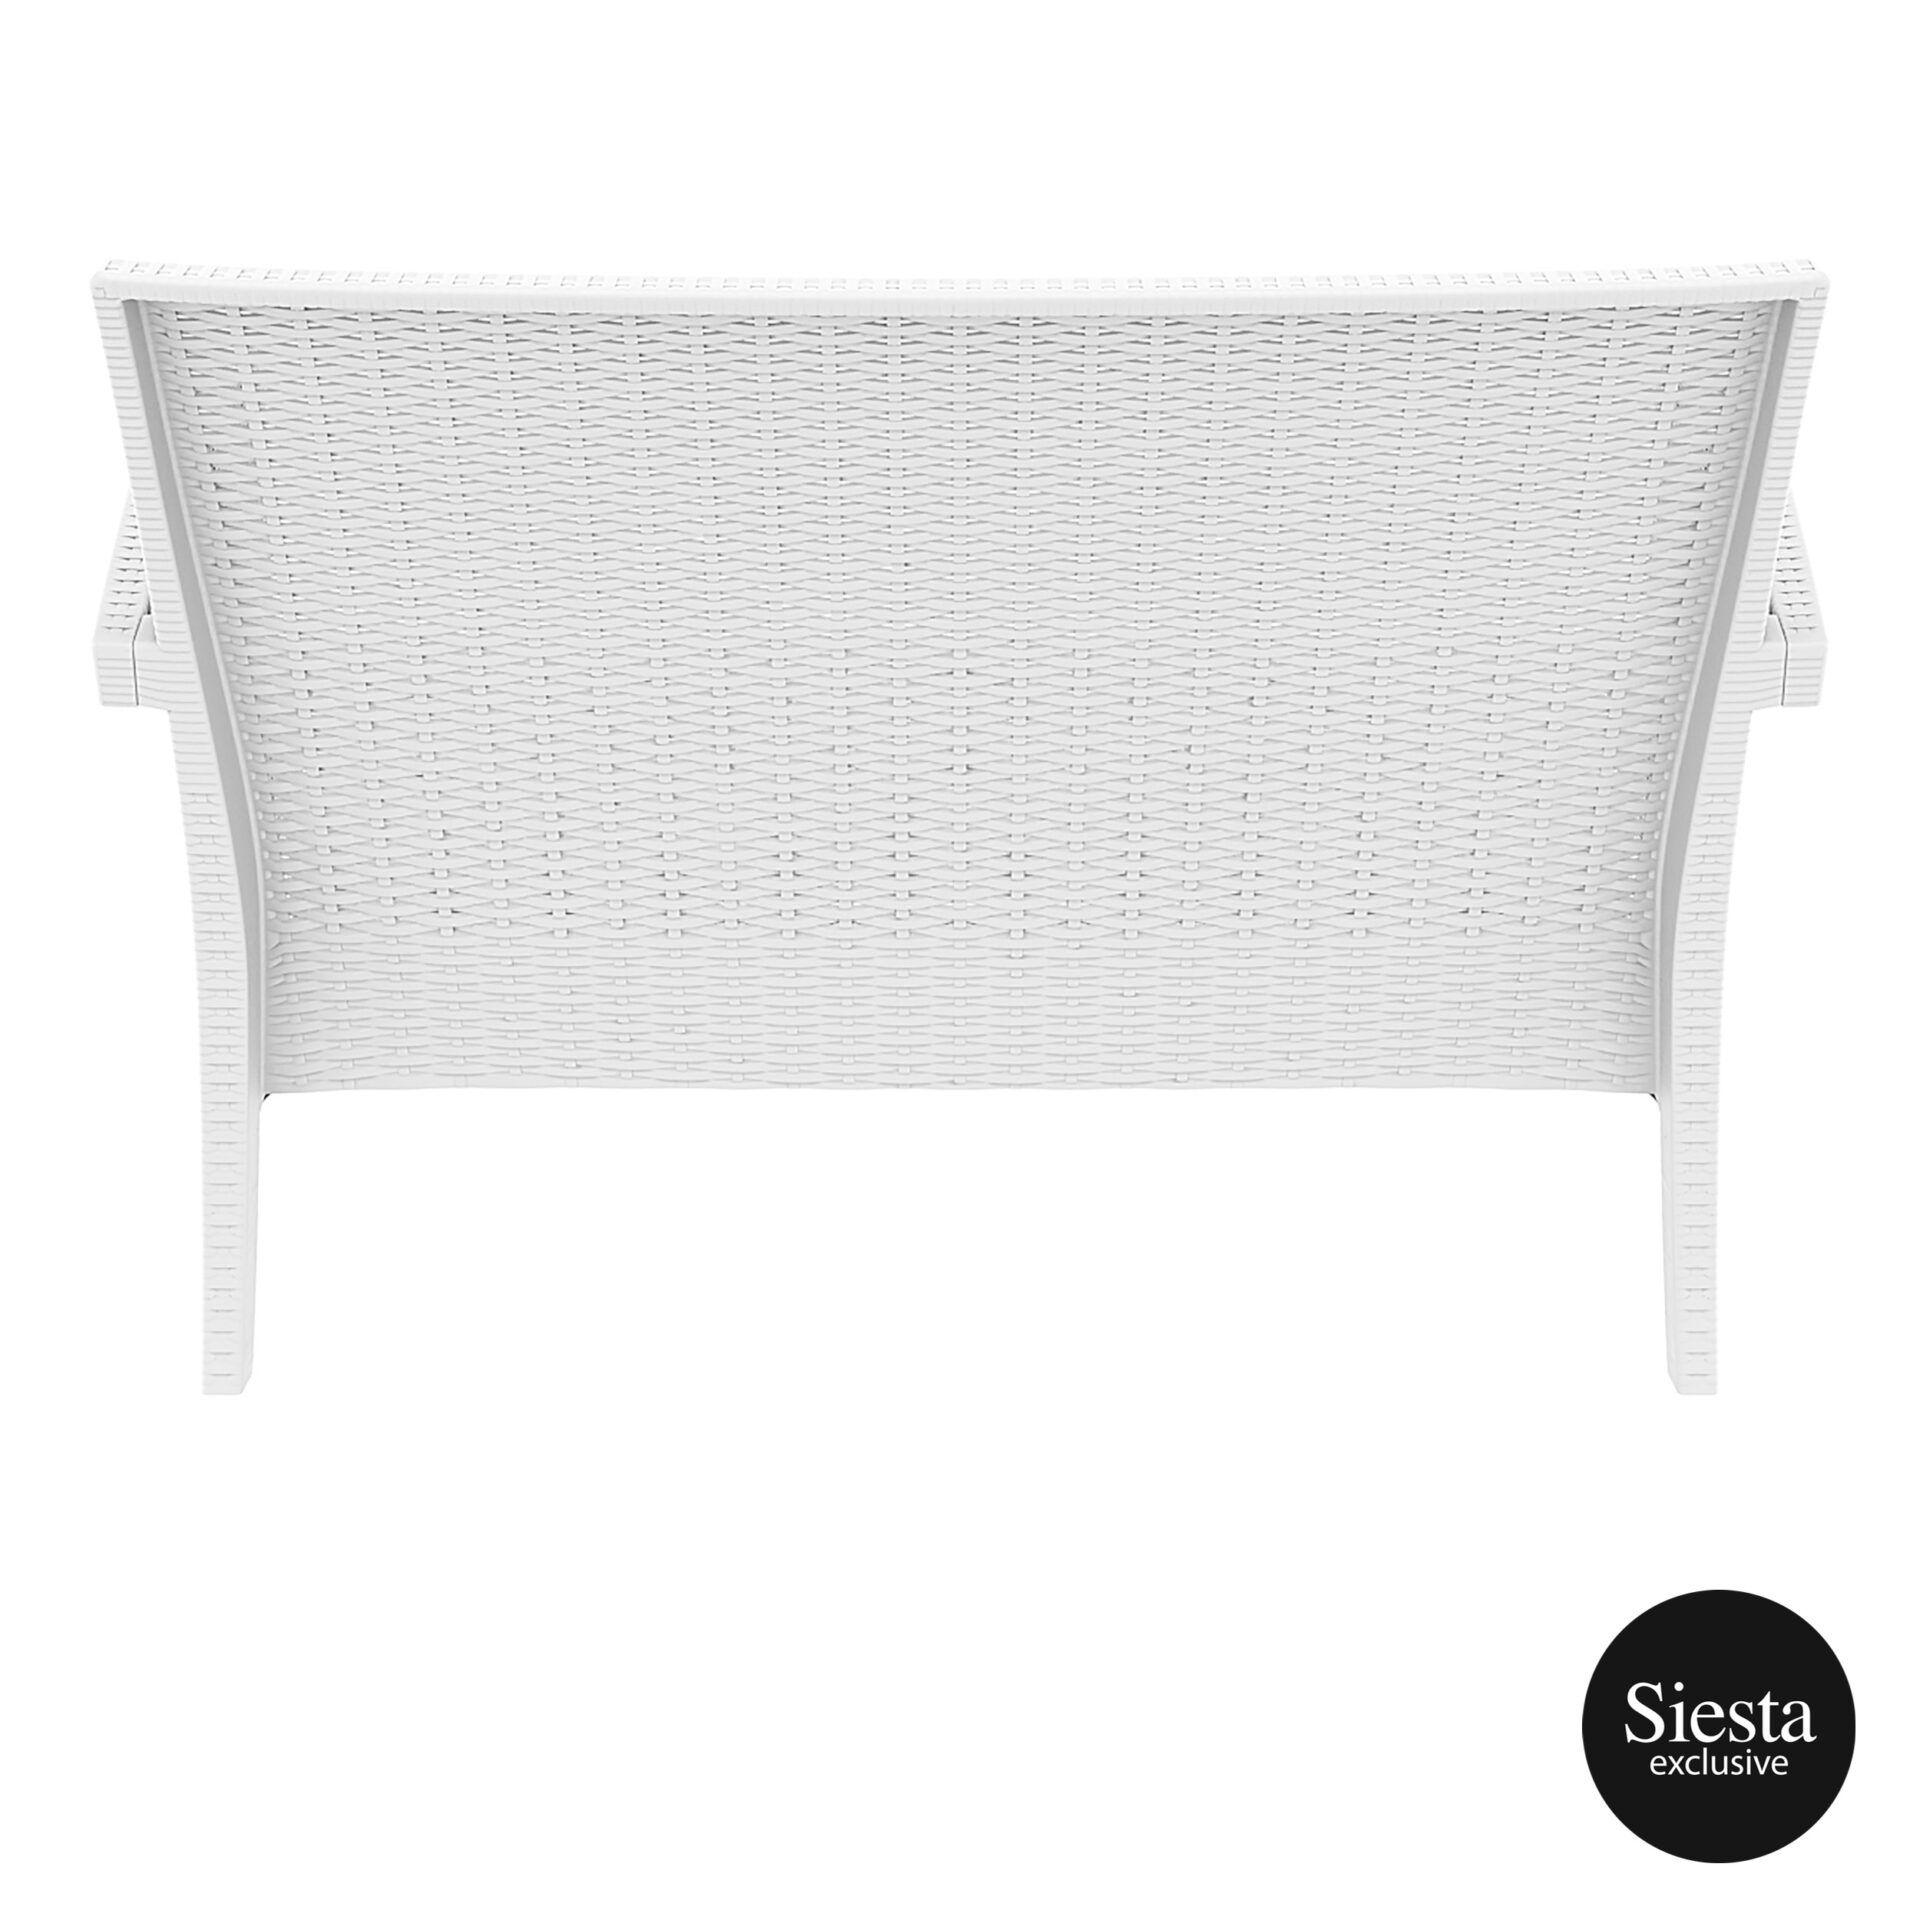 Resin Rattan Miami Tequila Lounge sofa white back